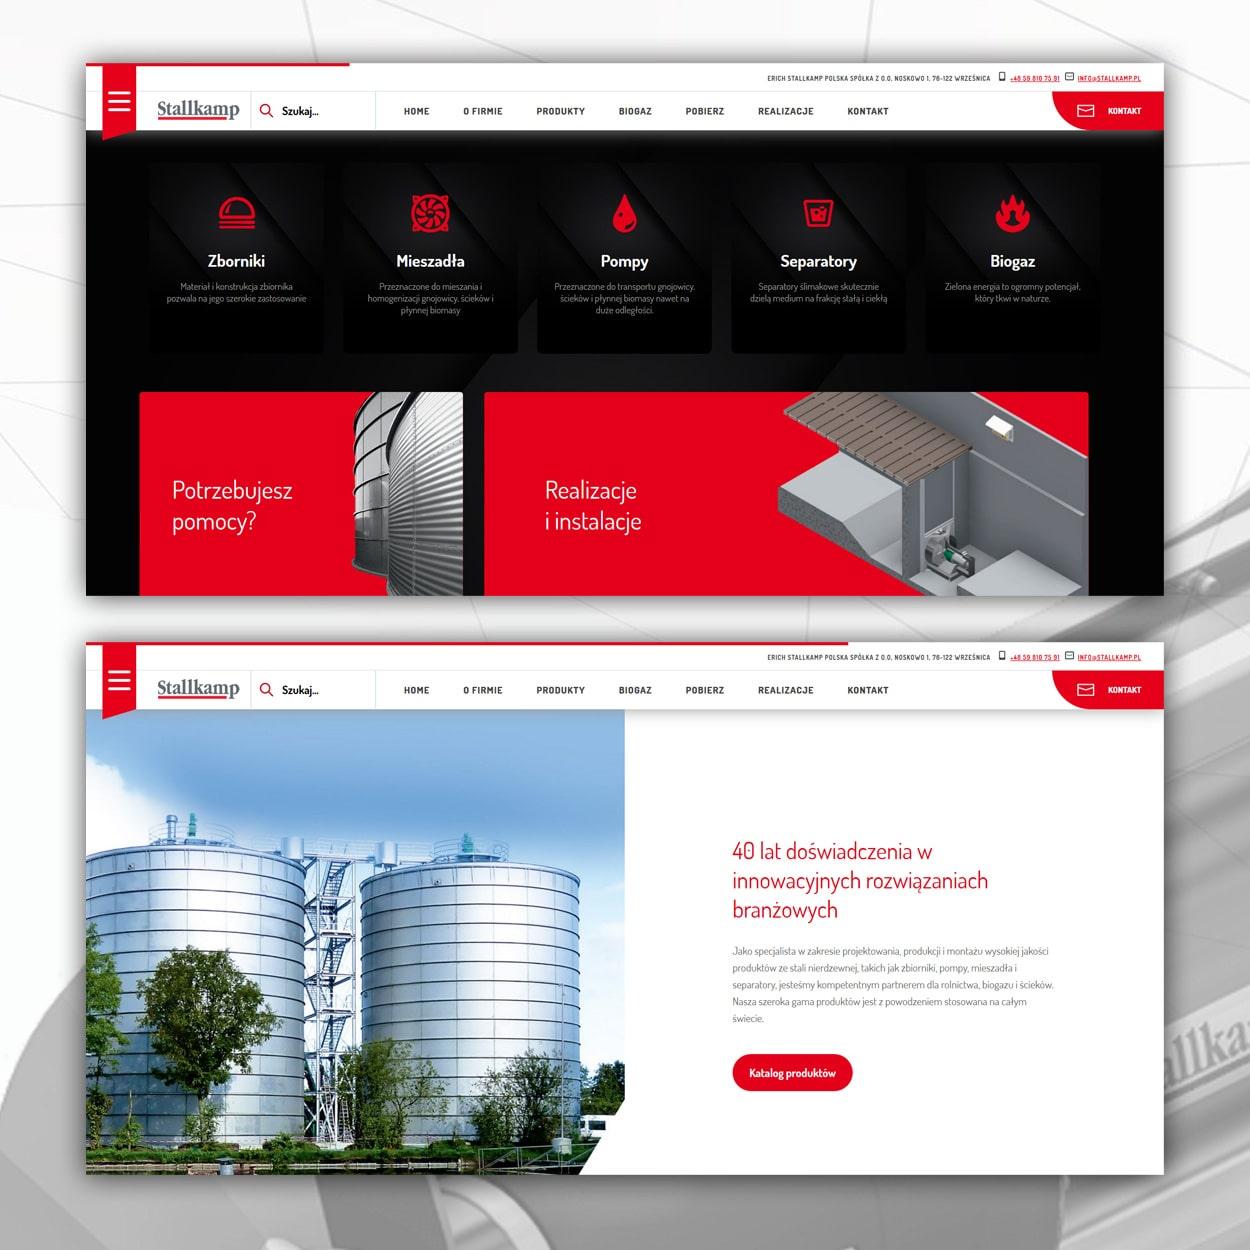 projektowanie-stron-www-dla-firmy-technicznej-2